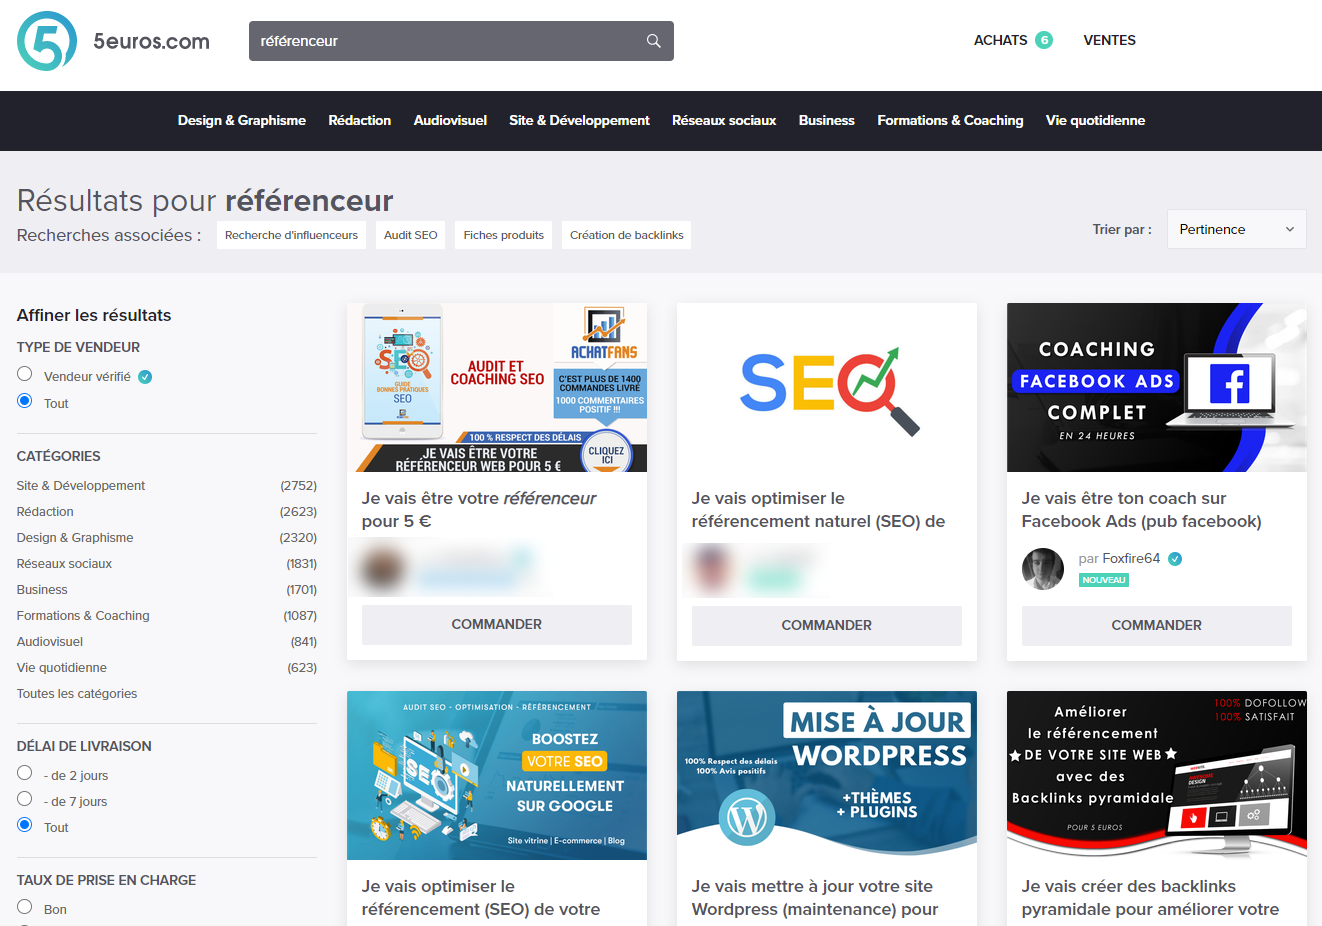 Trouver un référenceur freelance sur 5euros.com ?